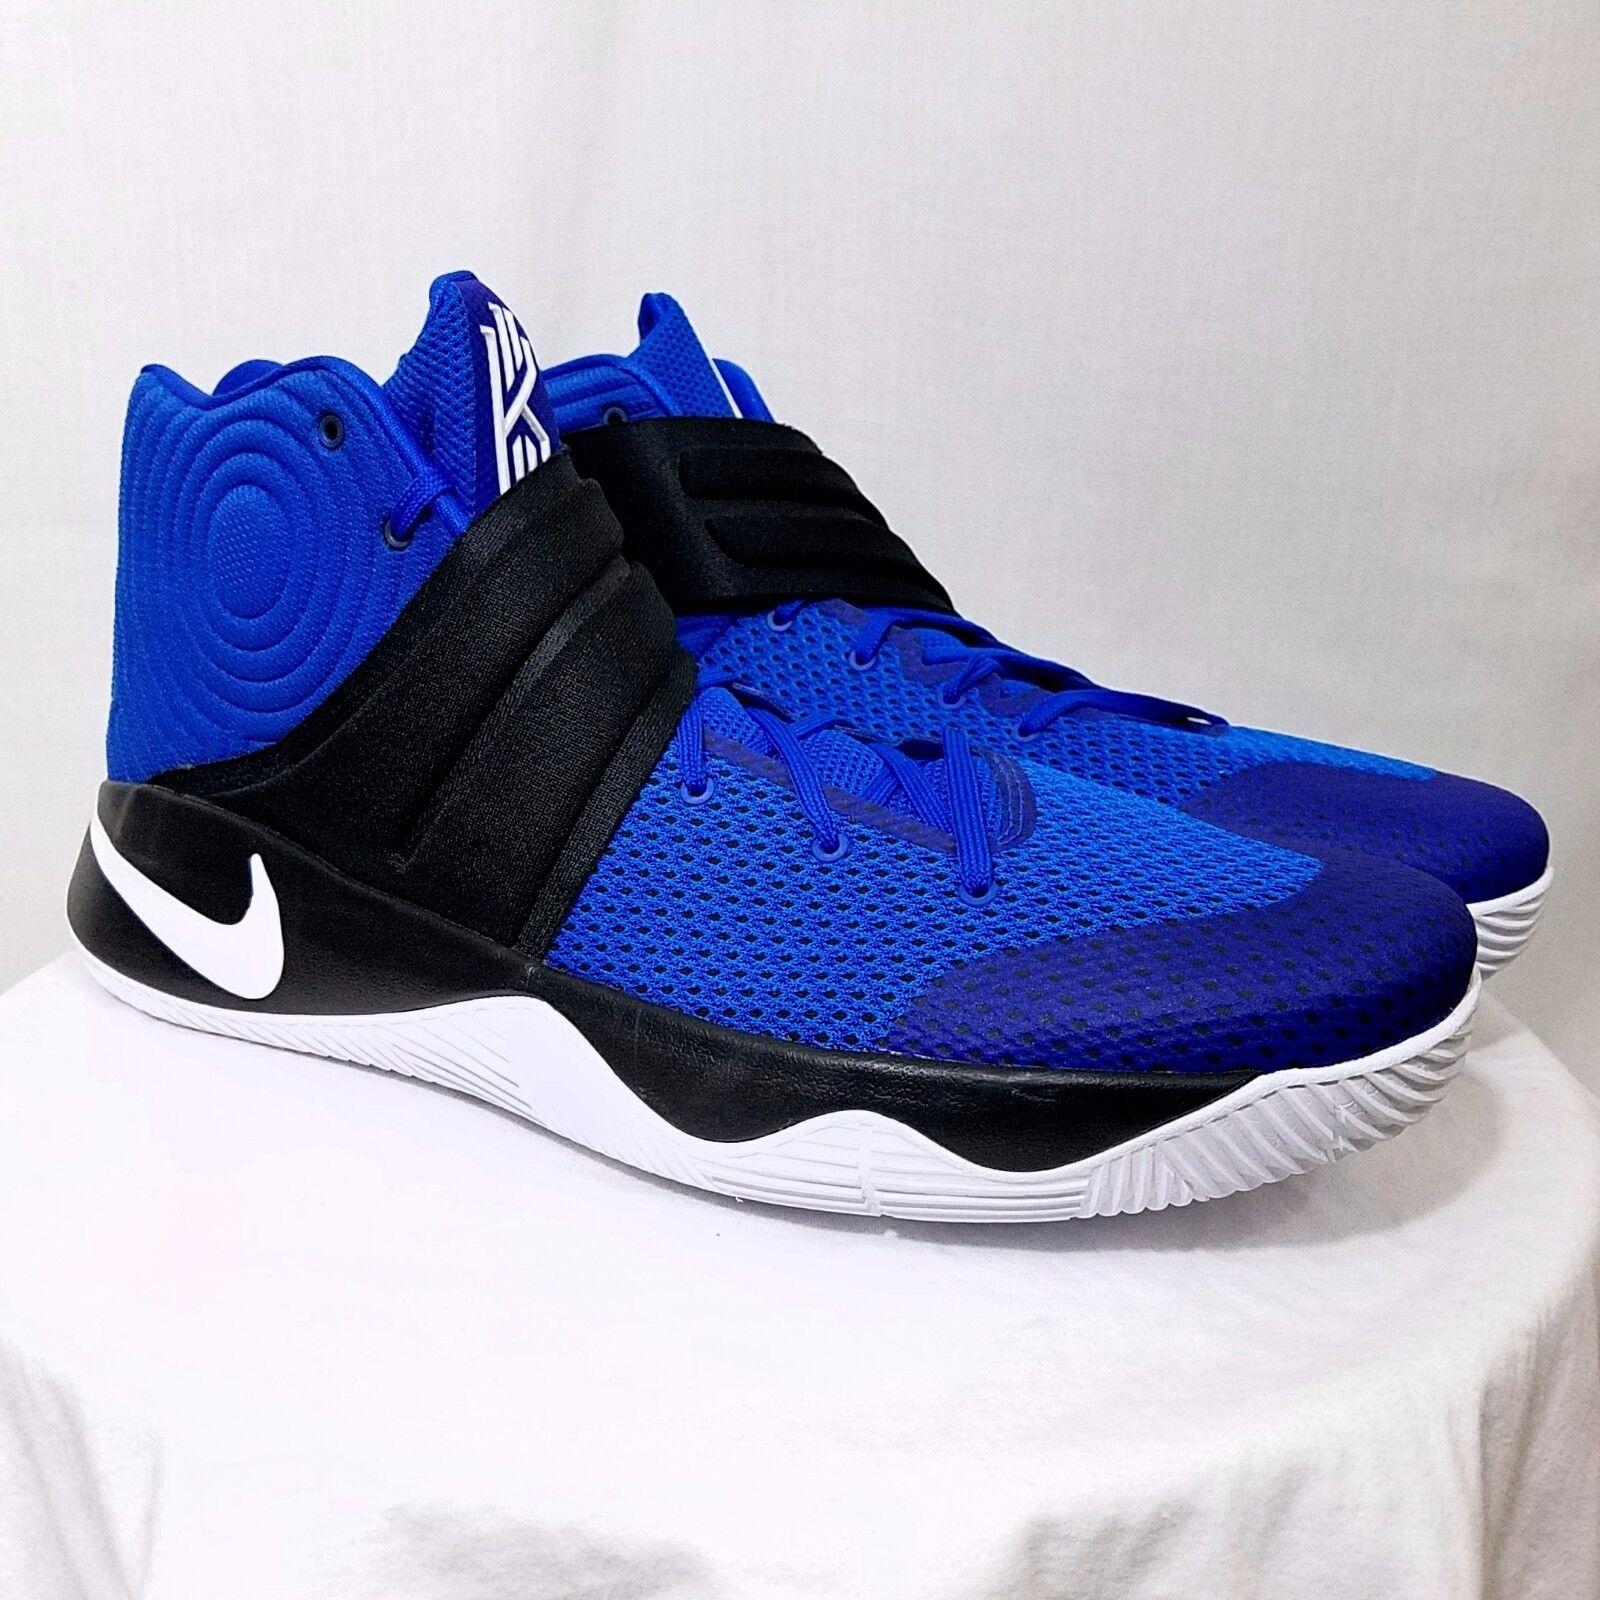 c43a84e4515fe Nike Kyrie 2 Brotherhood Mens Basketball Shoes Shoes Shoes Duke Blue Devils  819583 444 US 18